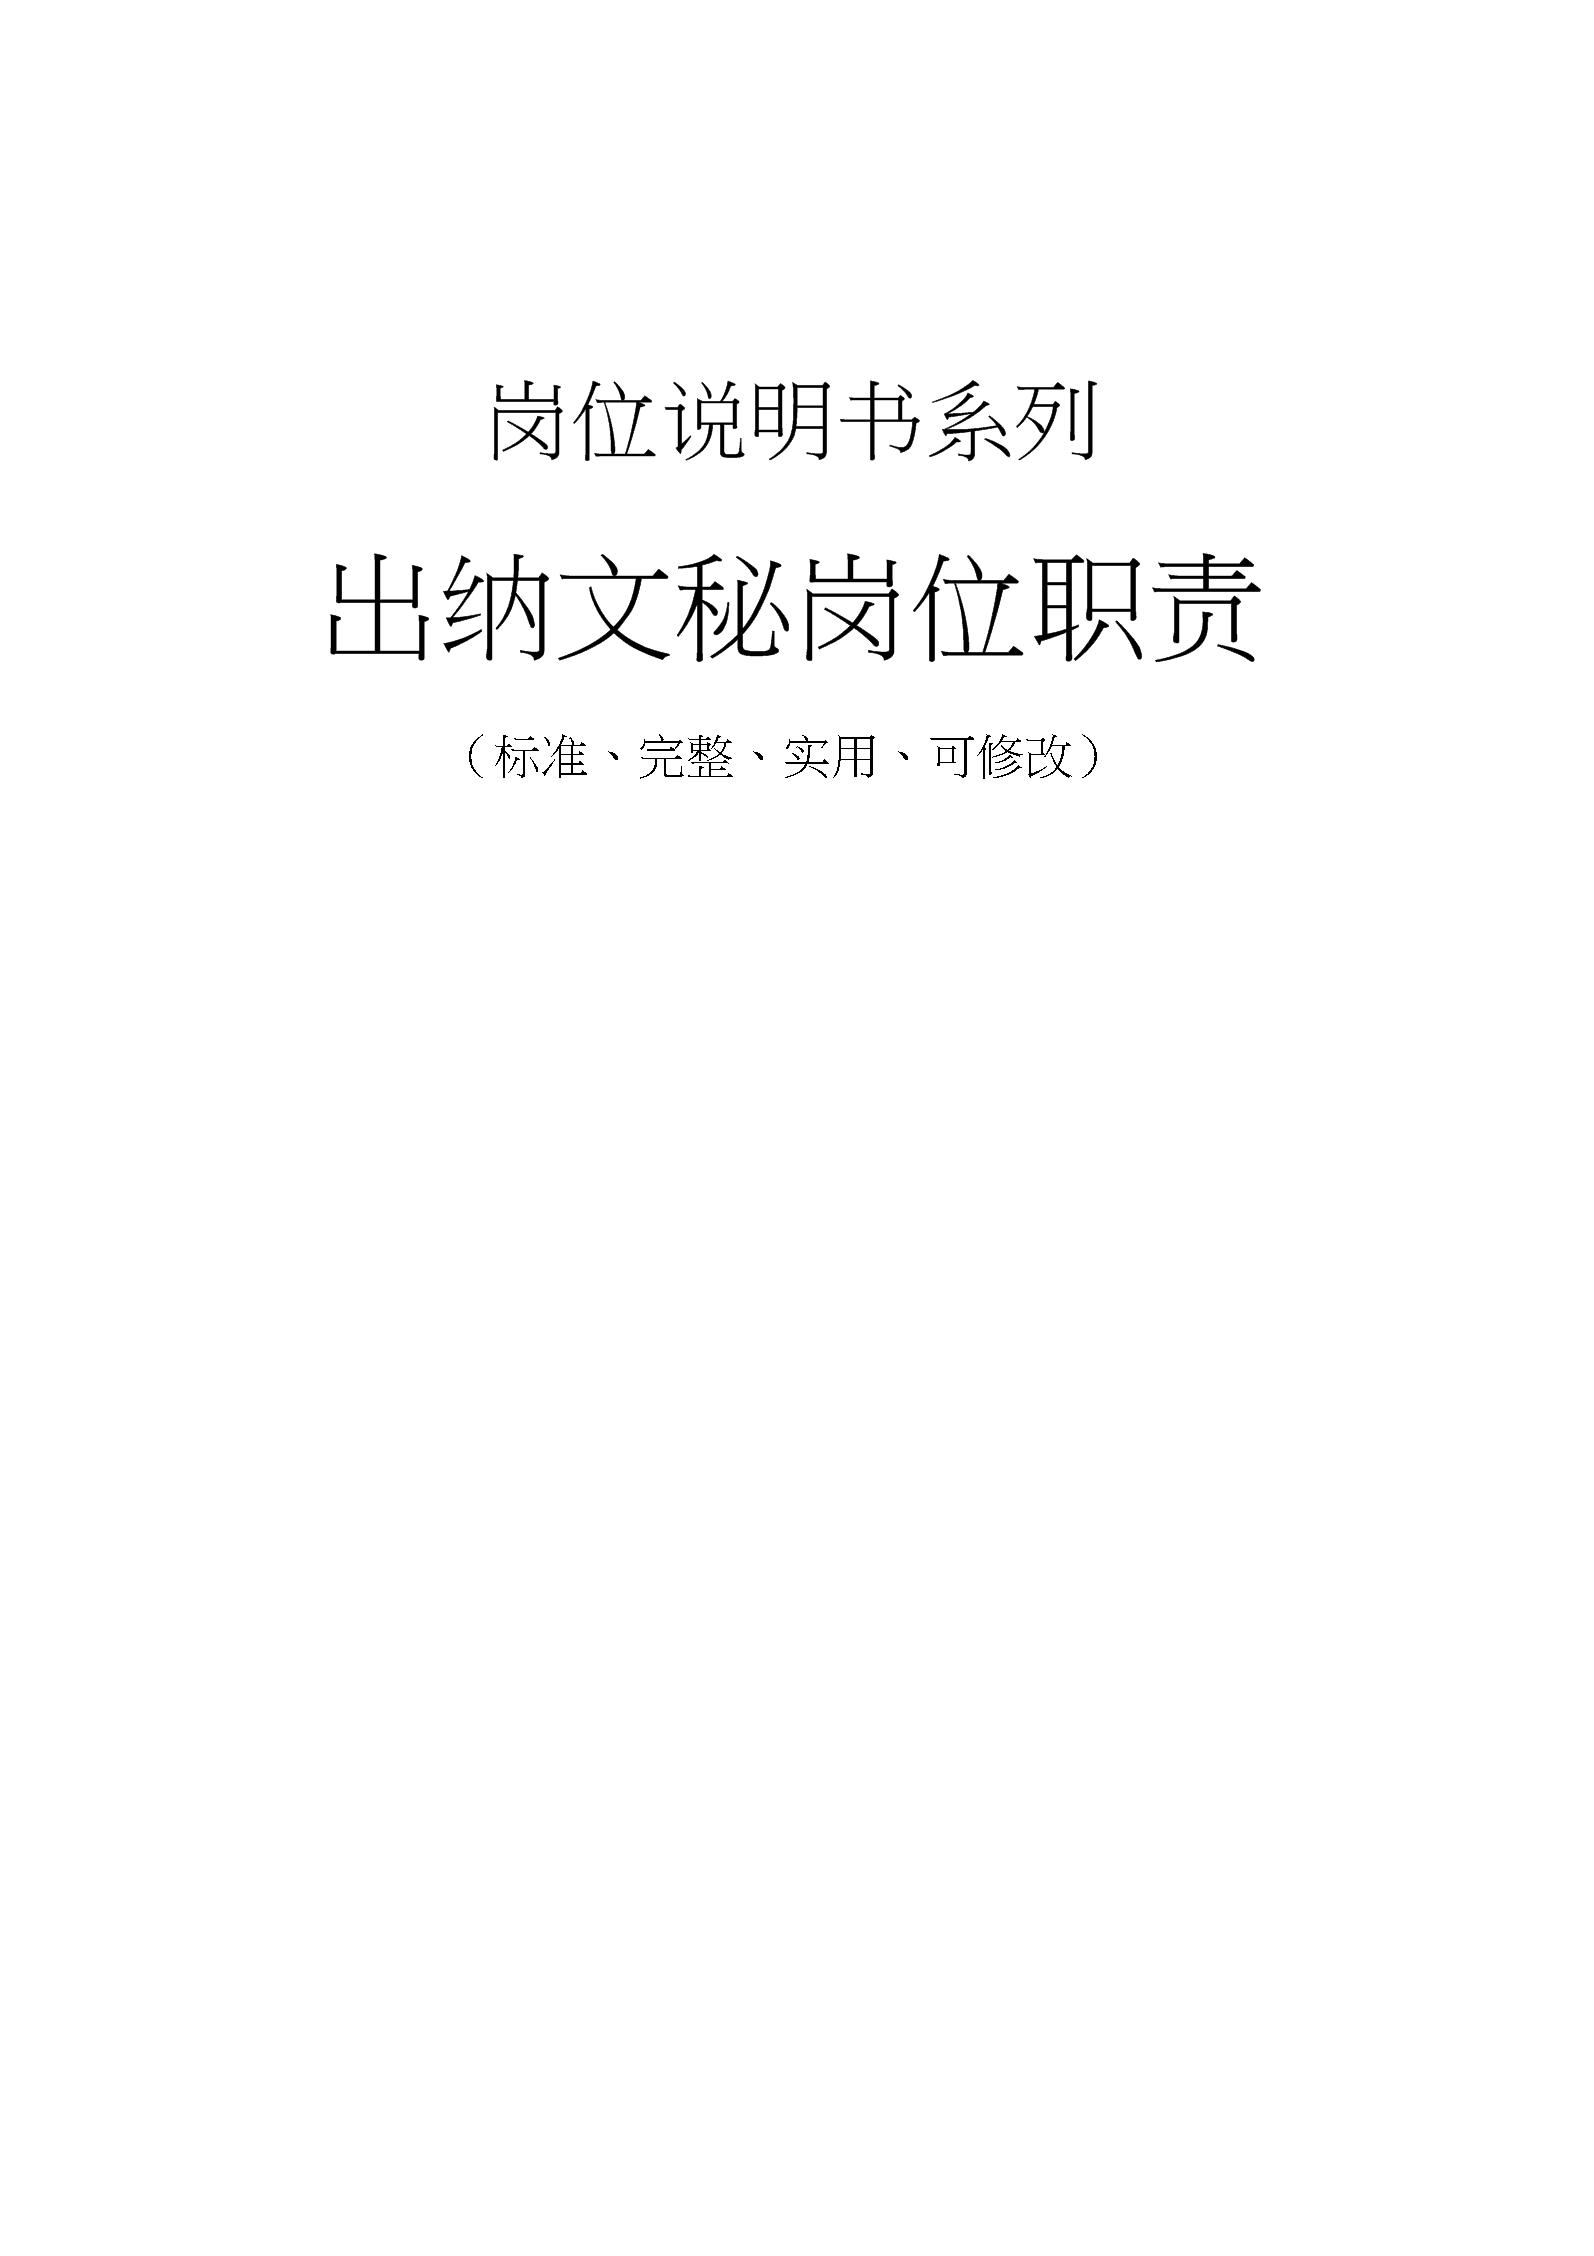 出纳文秘岗位职责.docx